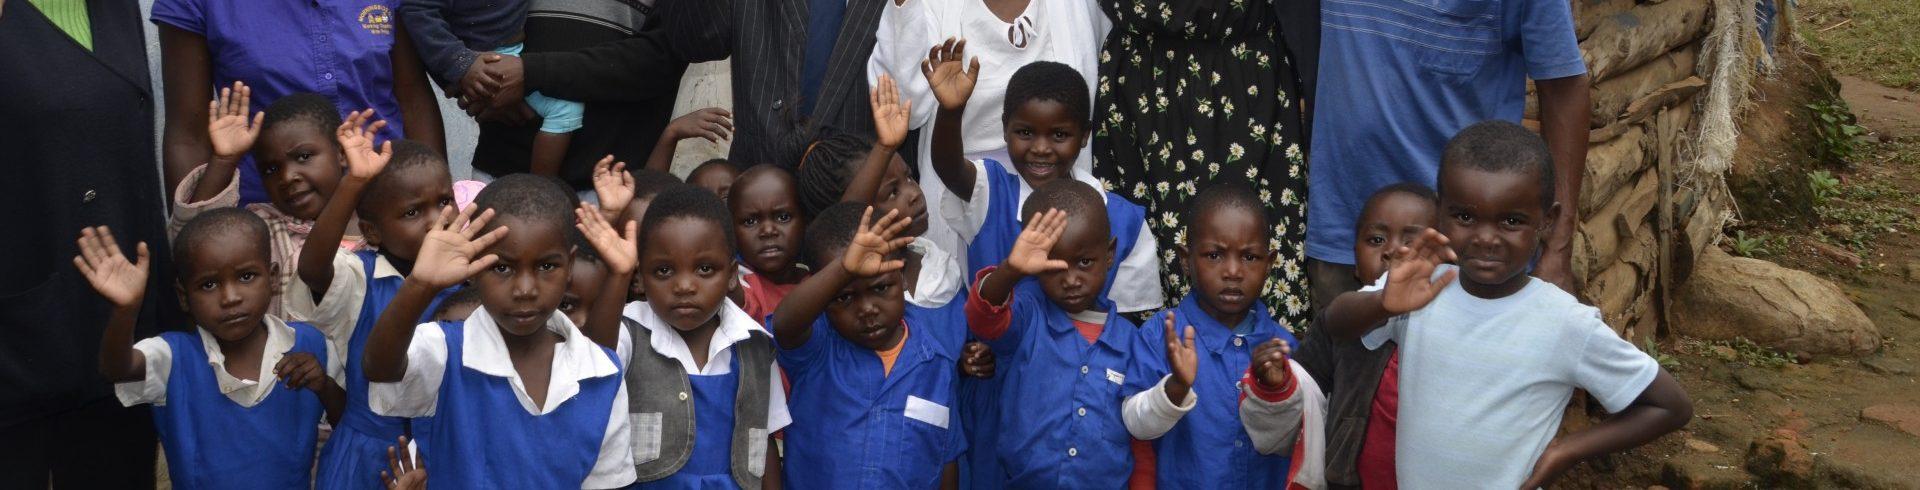 Kenyawi Kids